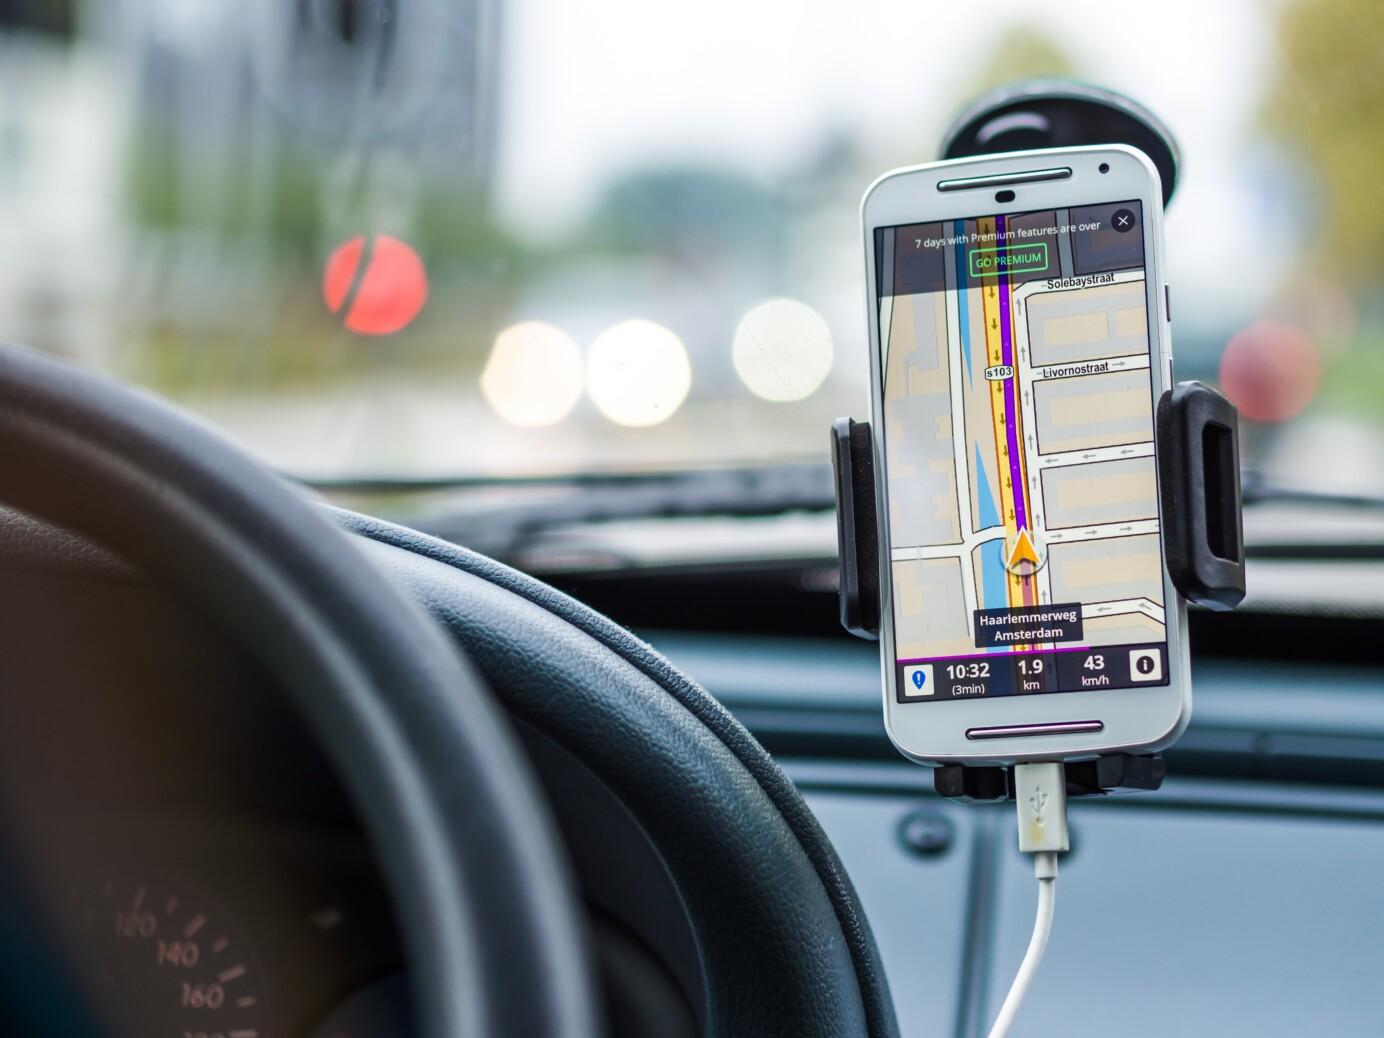 Telefoon met navigatie in een auto